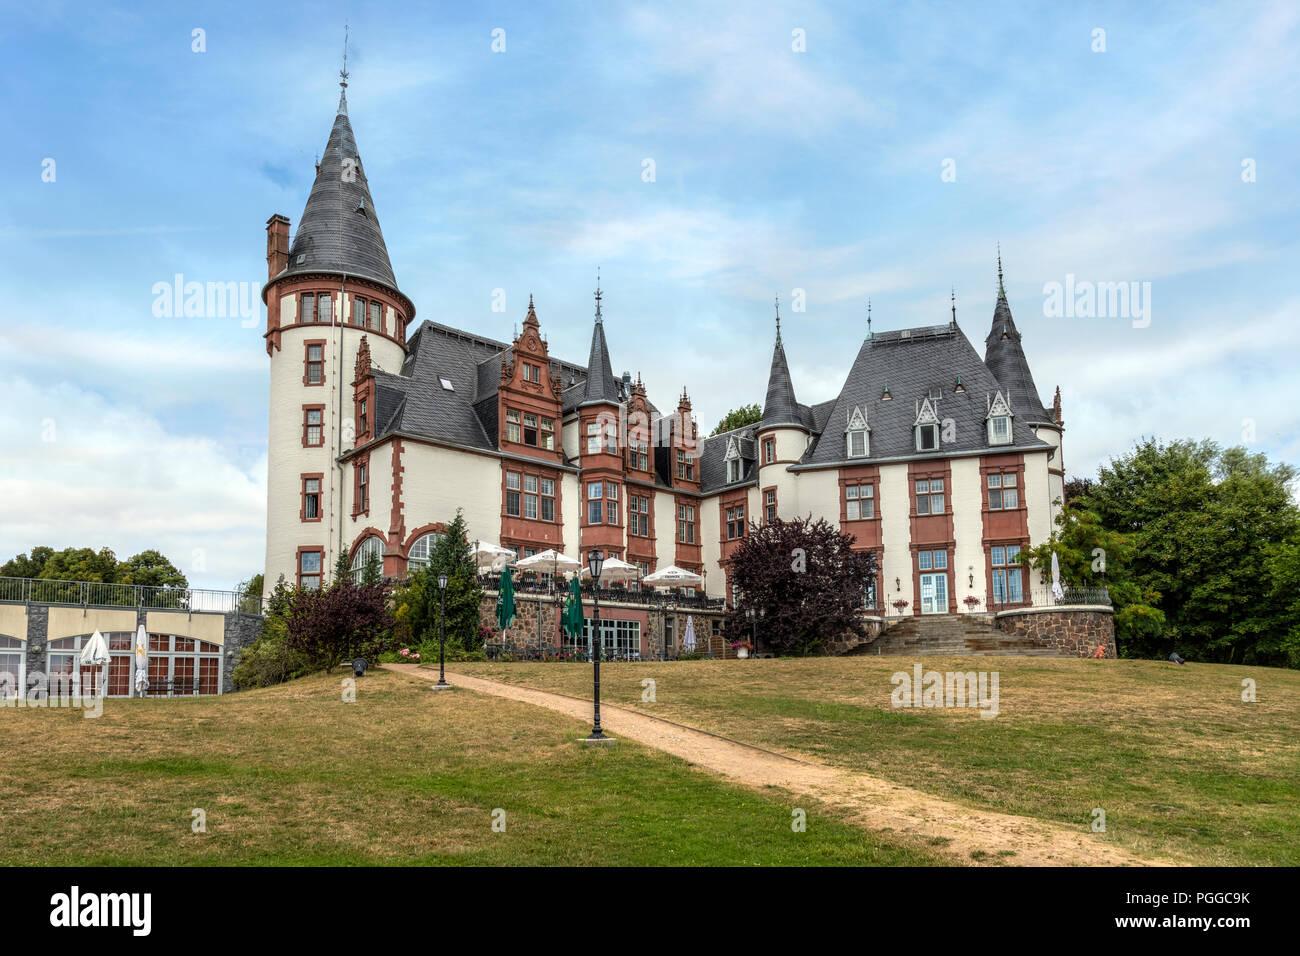 Schloss Klinik, Waren an der Müritz, Mecklenburg-Vorpommern, Germany, Europe - Stock Image